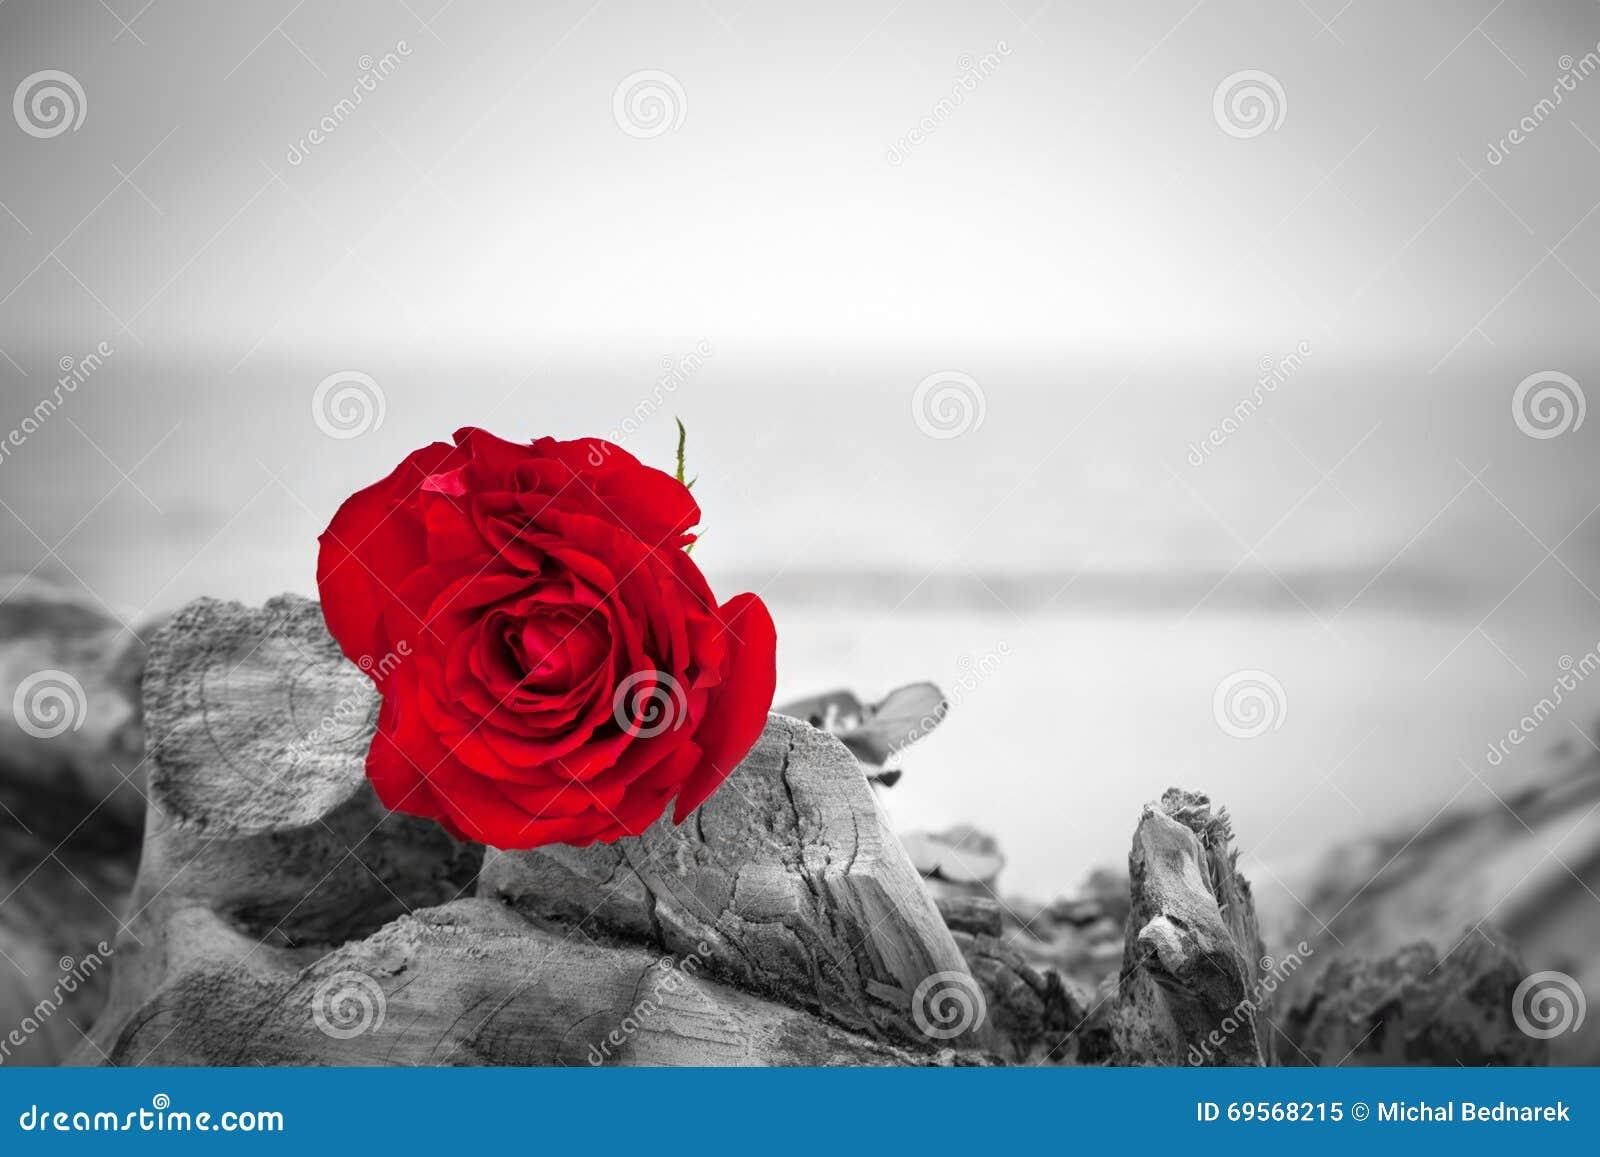 Rosa Del Rojo En La Playa Color Contra Blanco Y Negro Amor Romance